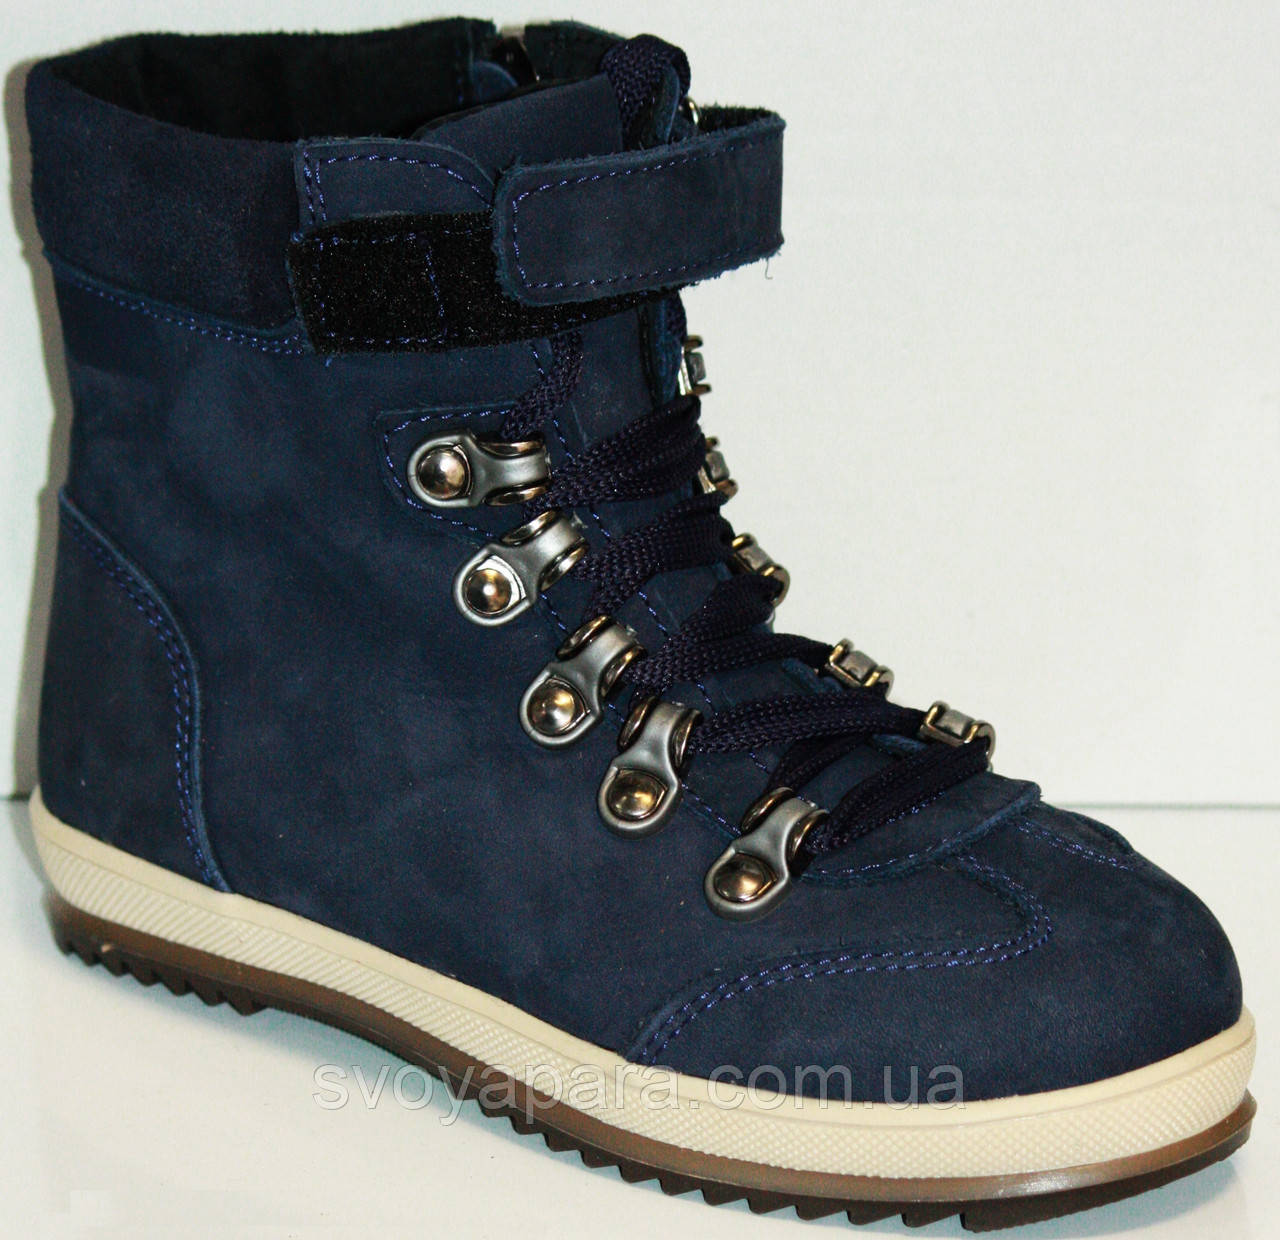 Ботинки зимние детские синие нубуковые (0111)